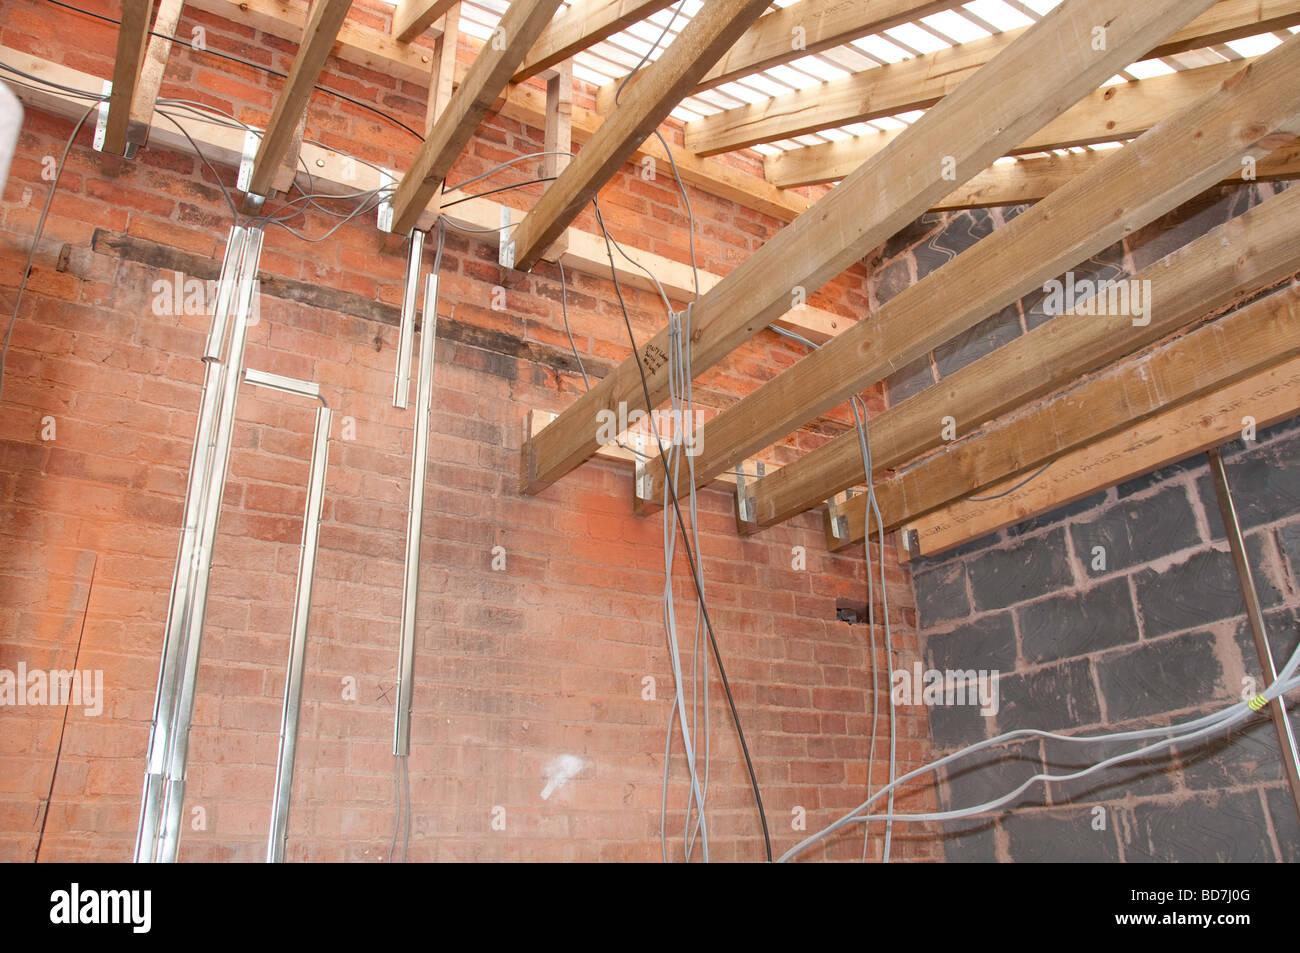 Ziemlich Schematische Darstellung Haus Elektrische Verkabelung Fotos ...